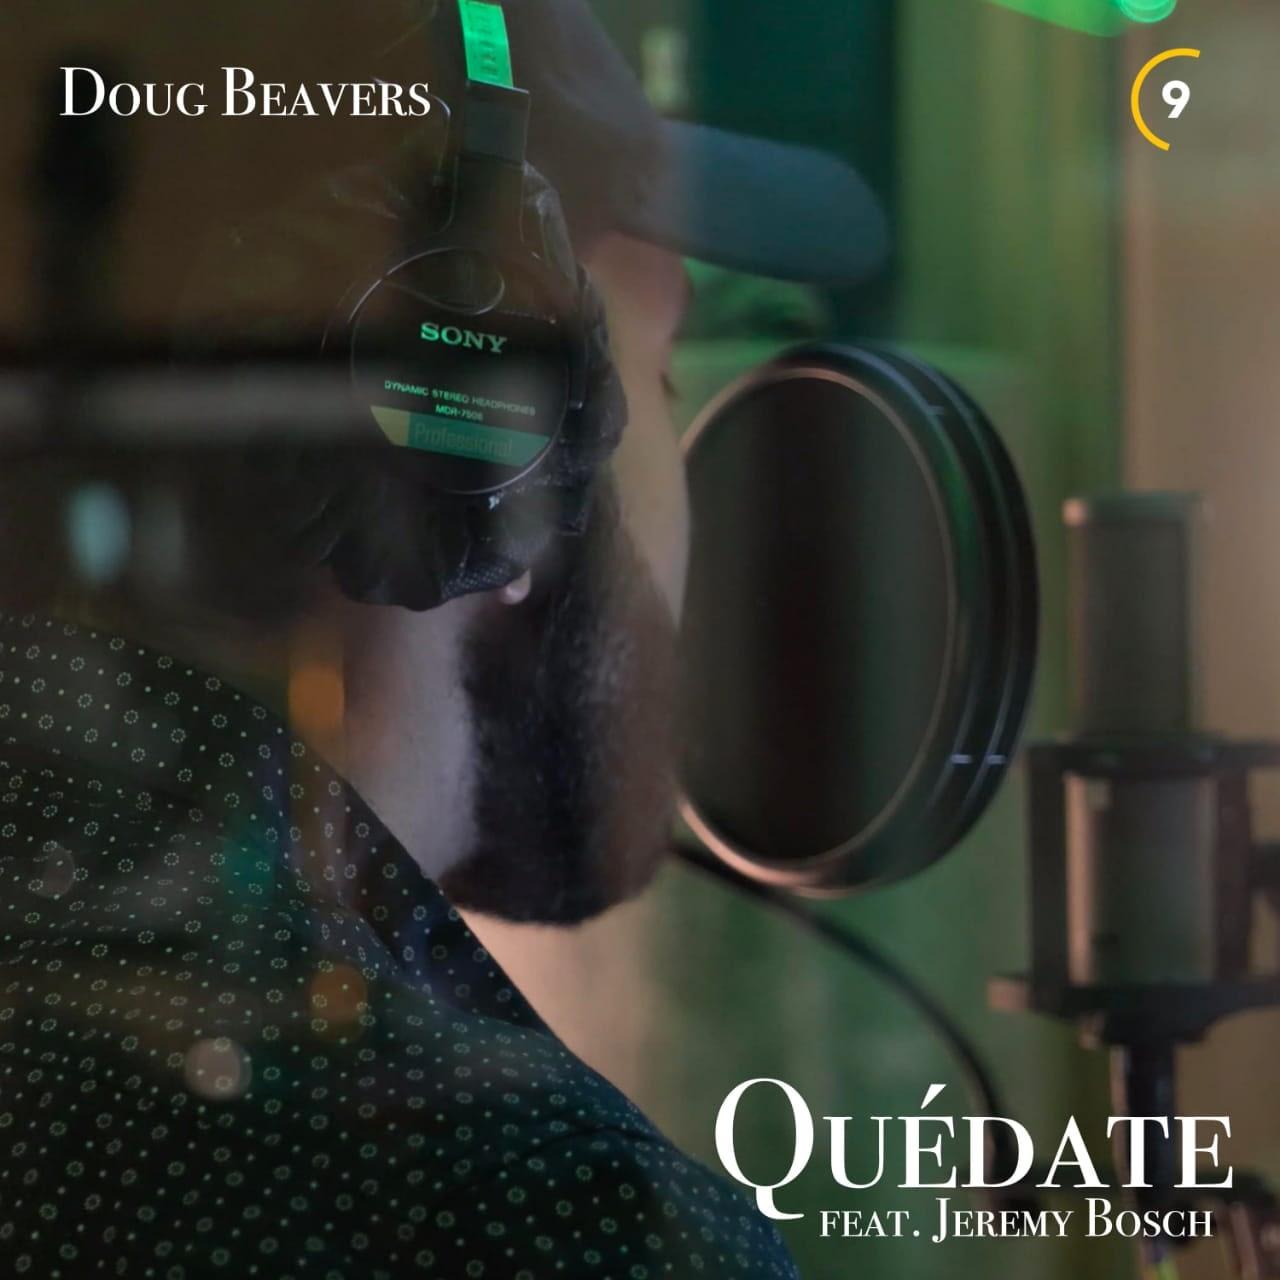 Doug Beavers - Quedate feat. Jeremy Bosch